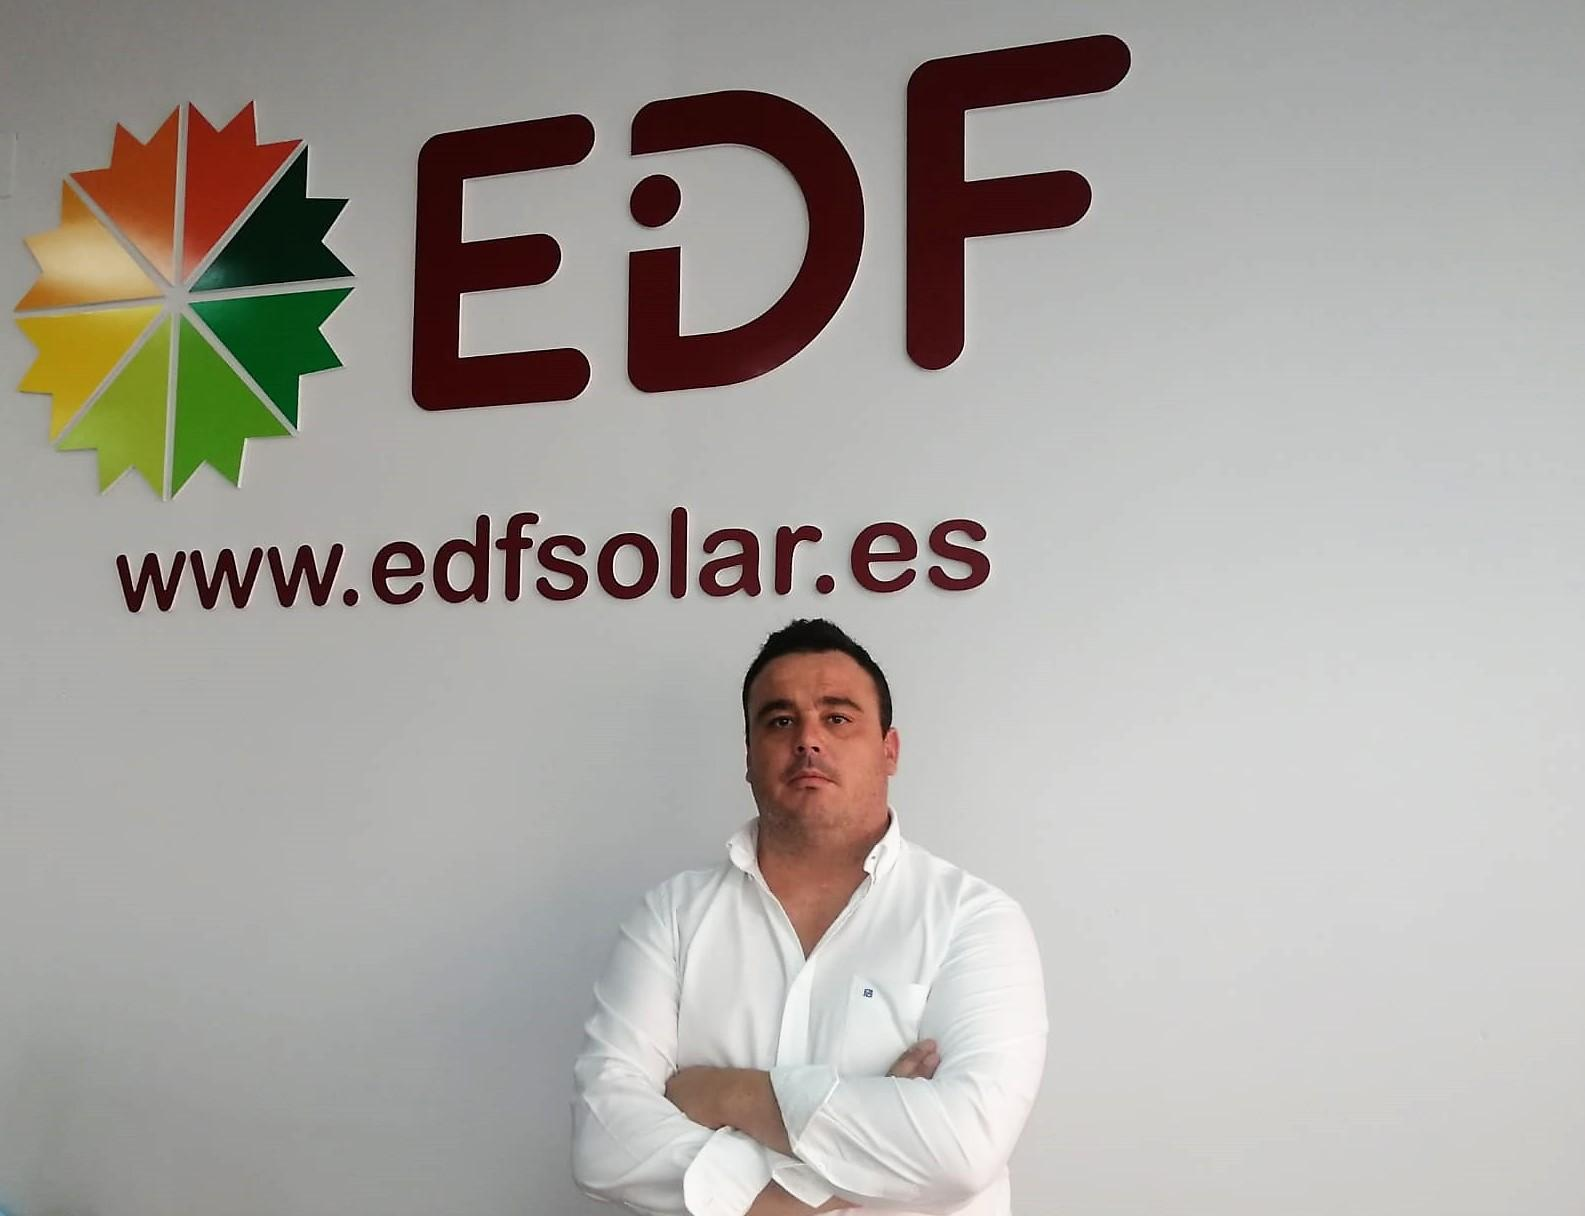 Vicente Gómez - delegado comercial de Castilla La Mancha de EDF Solar- expertos en autoconsumo fotovoltaico